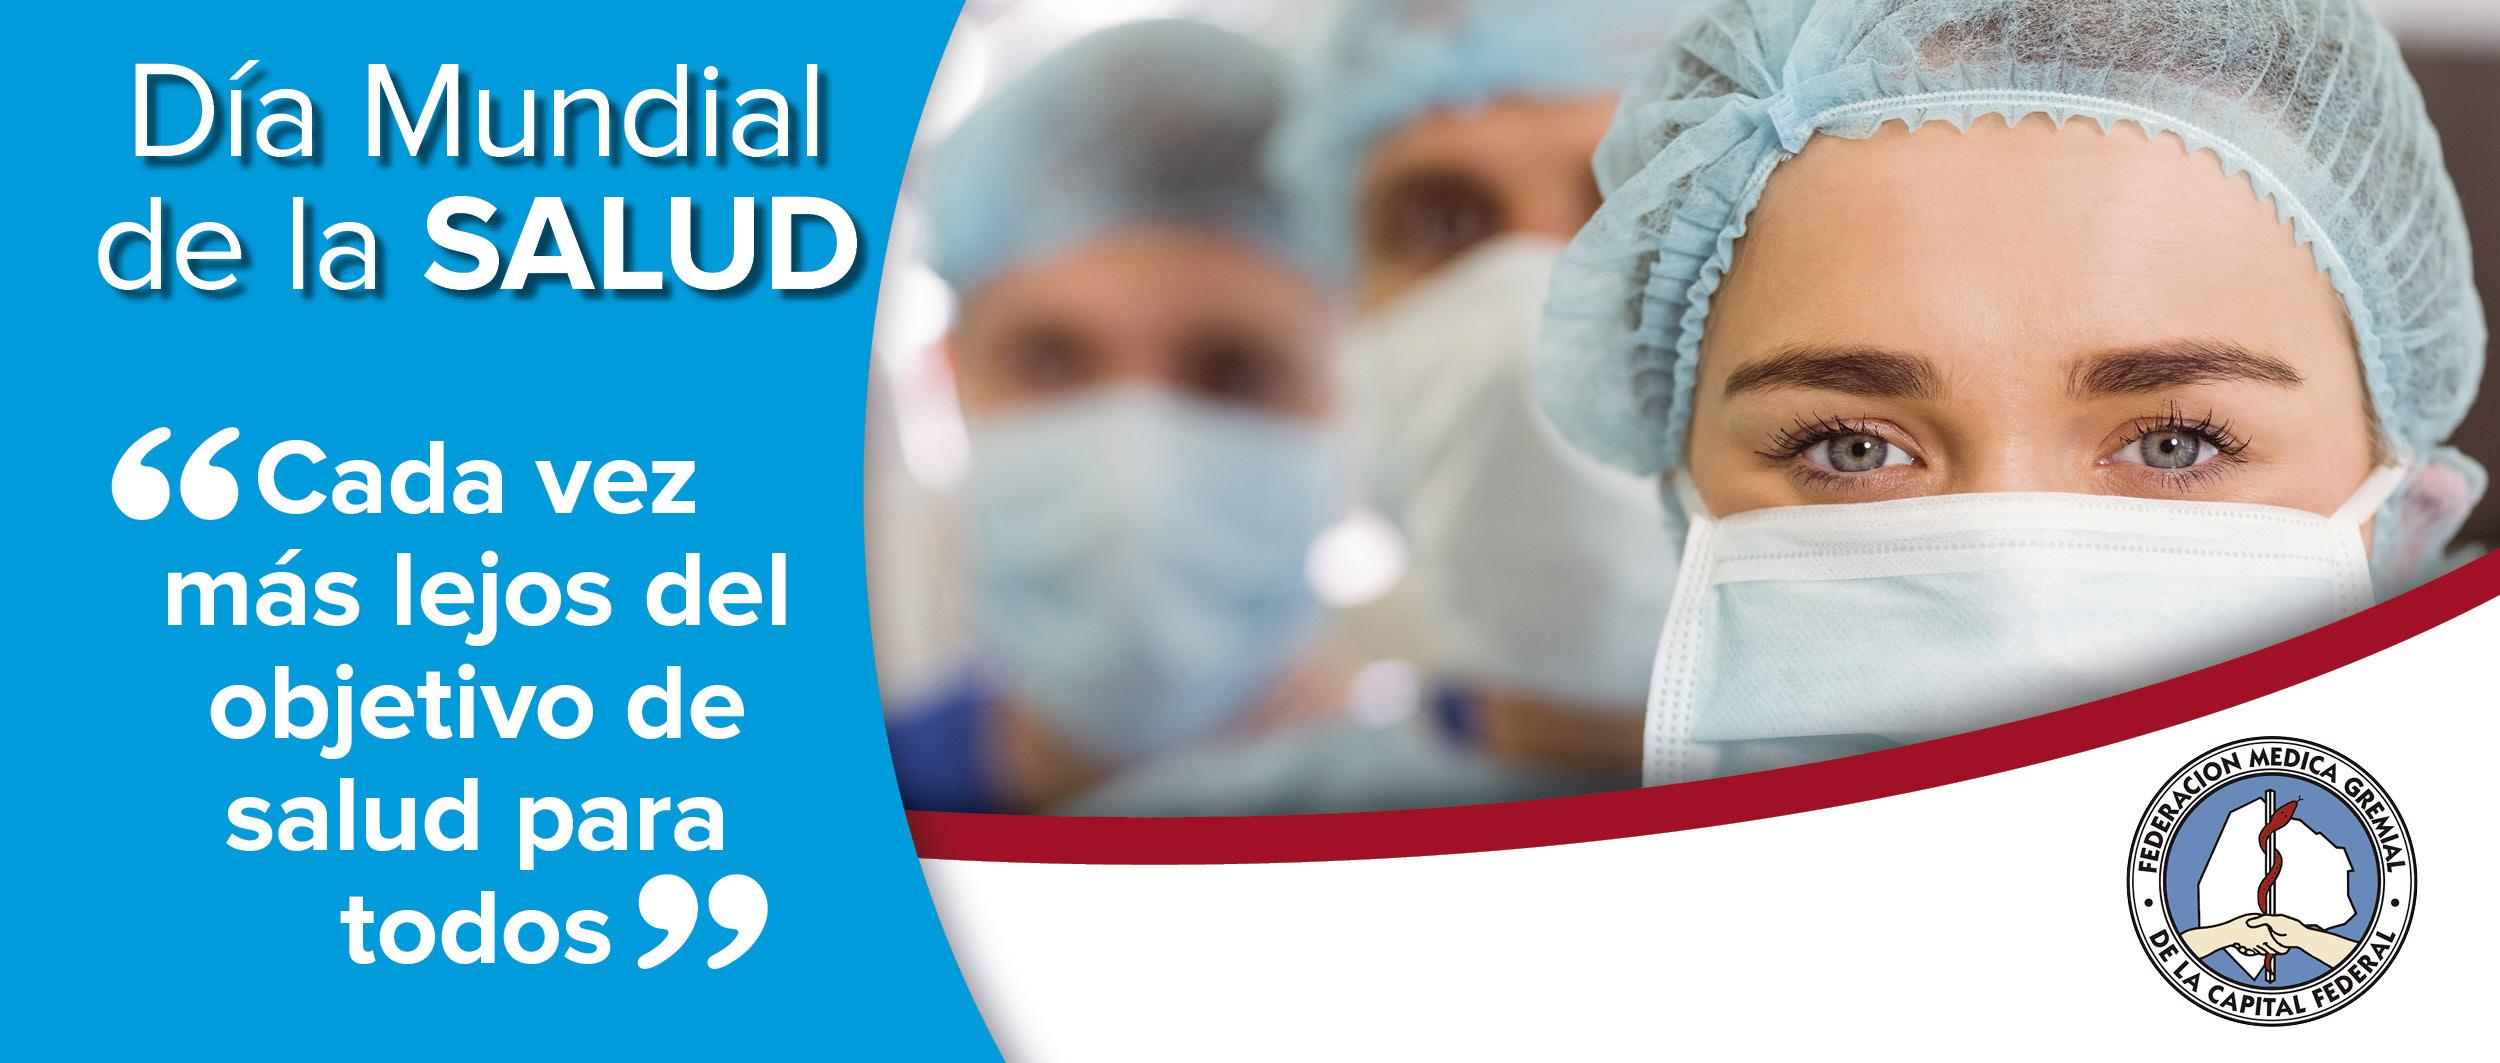 Análisis del sistema sanitario en el marco del Día Mundial de la Salud